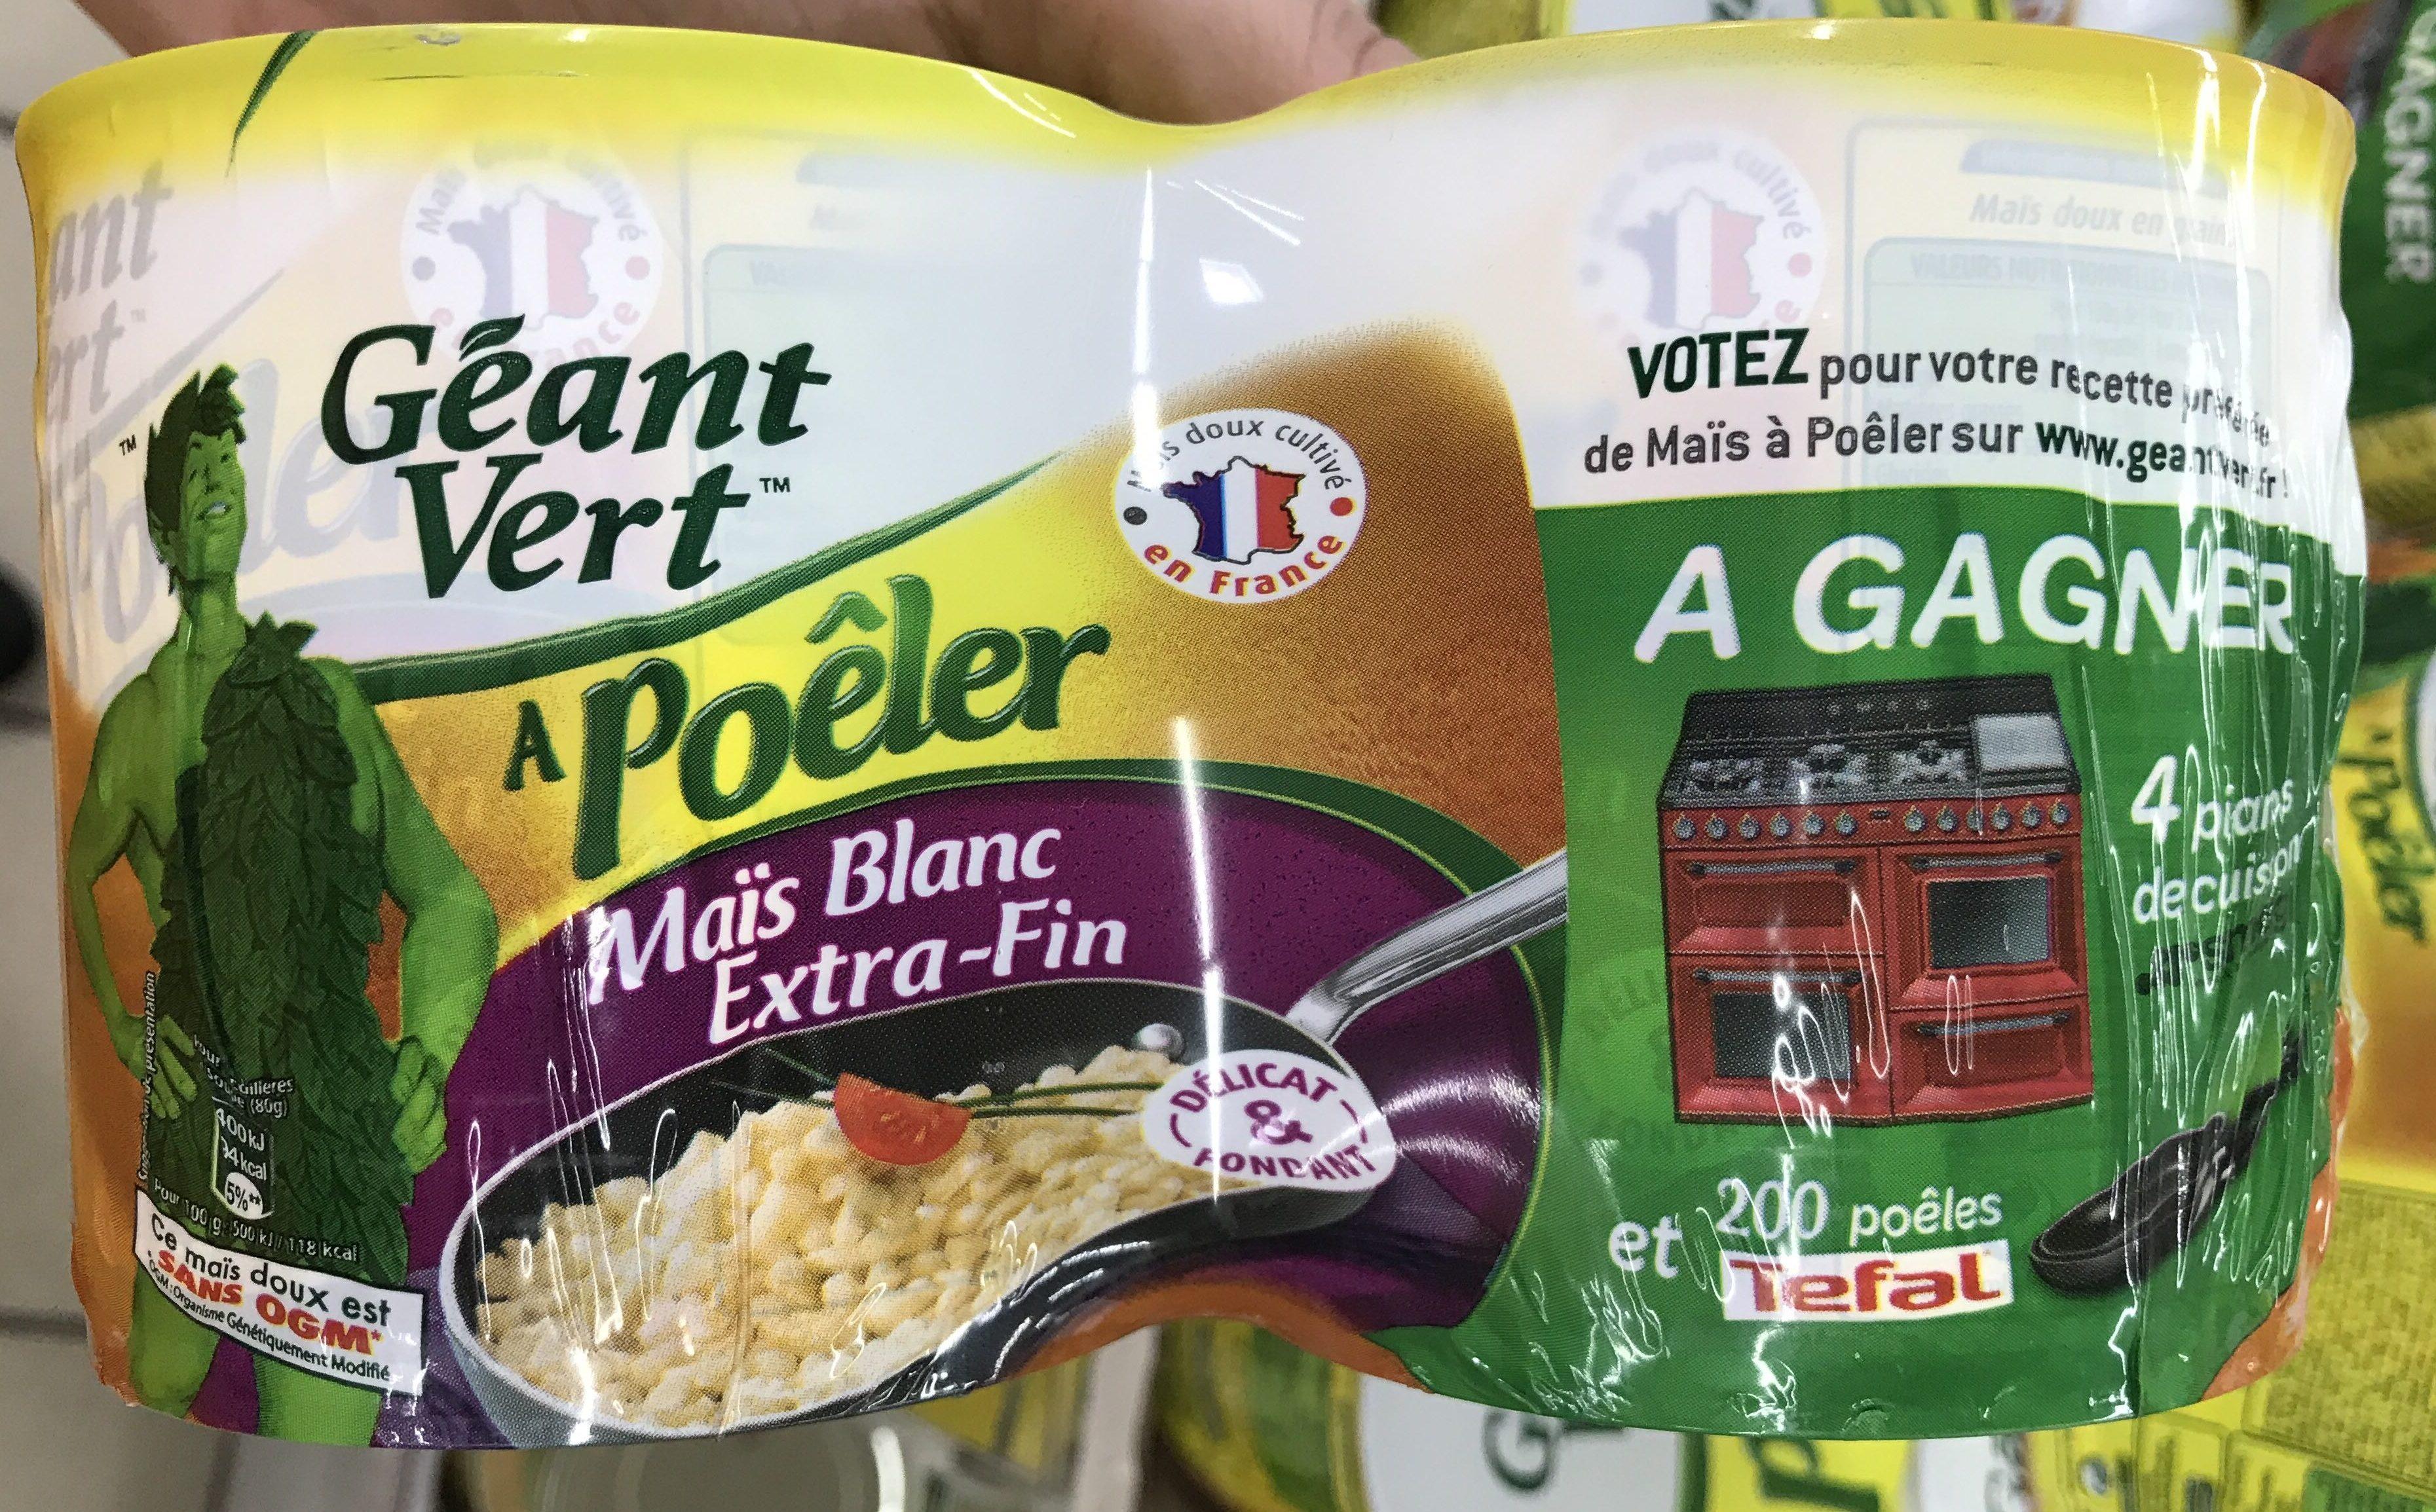 Maïs blanc extra-fin à poêler - Product